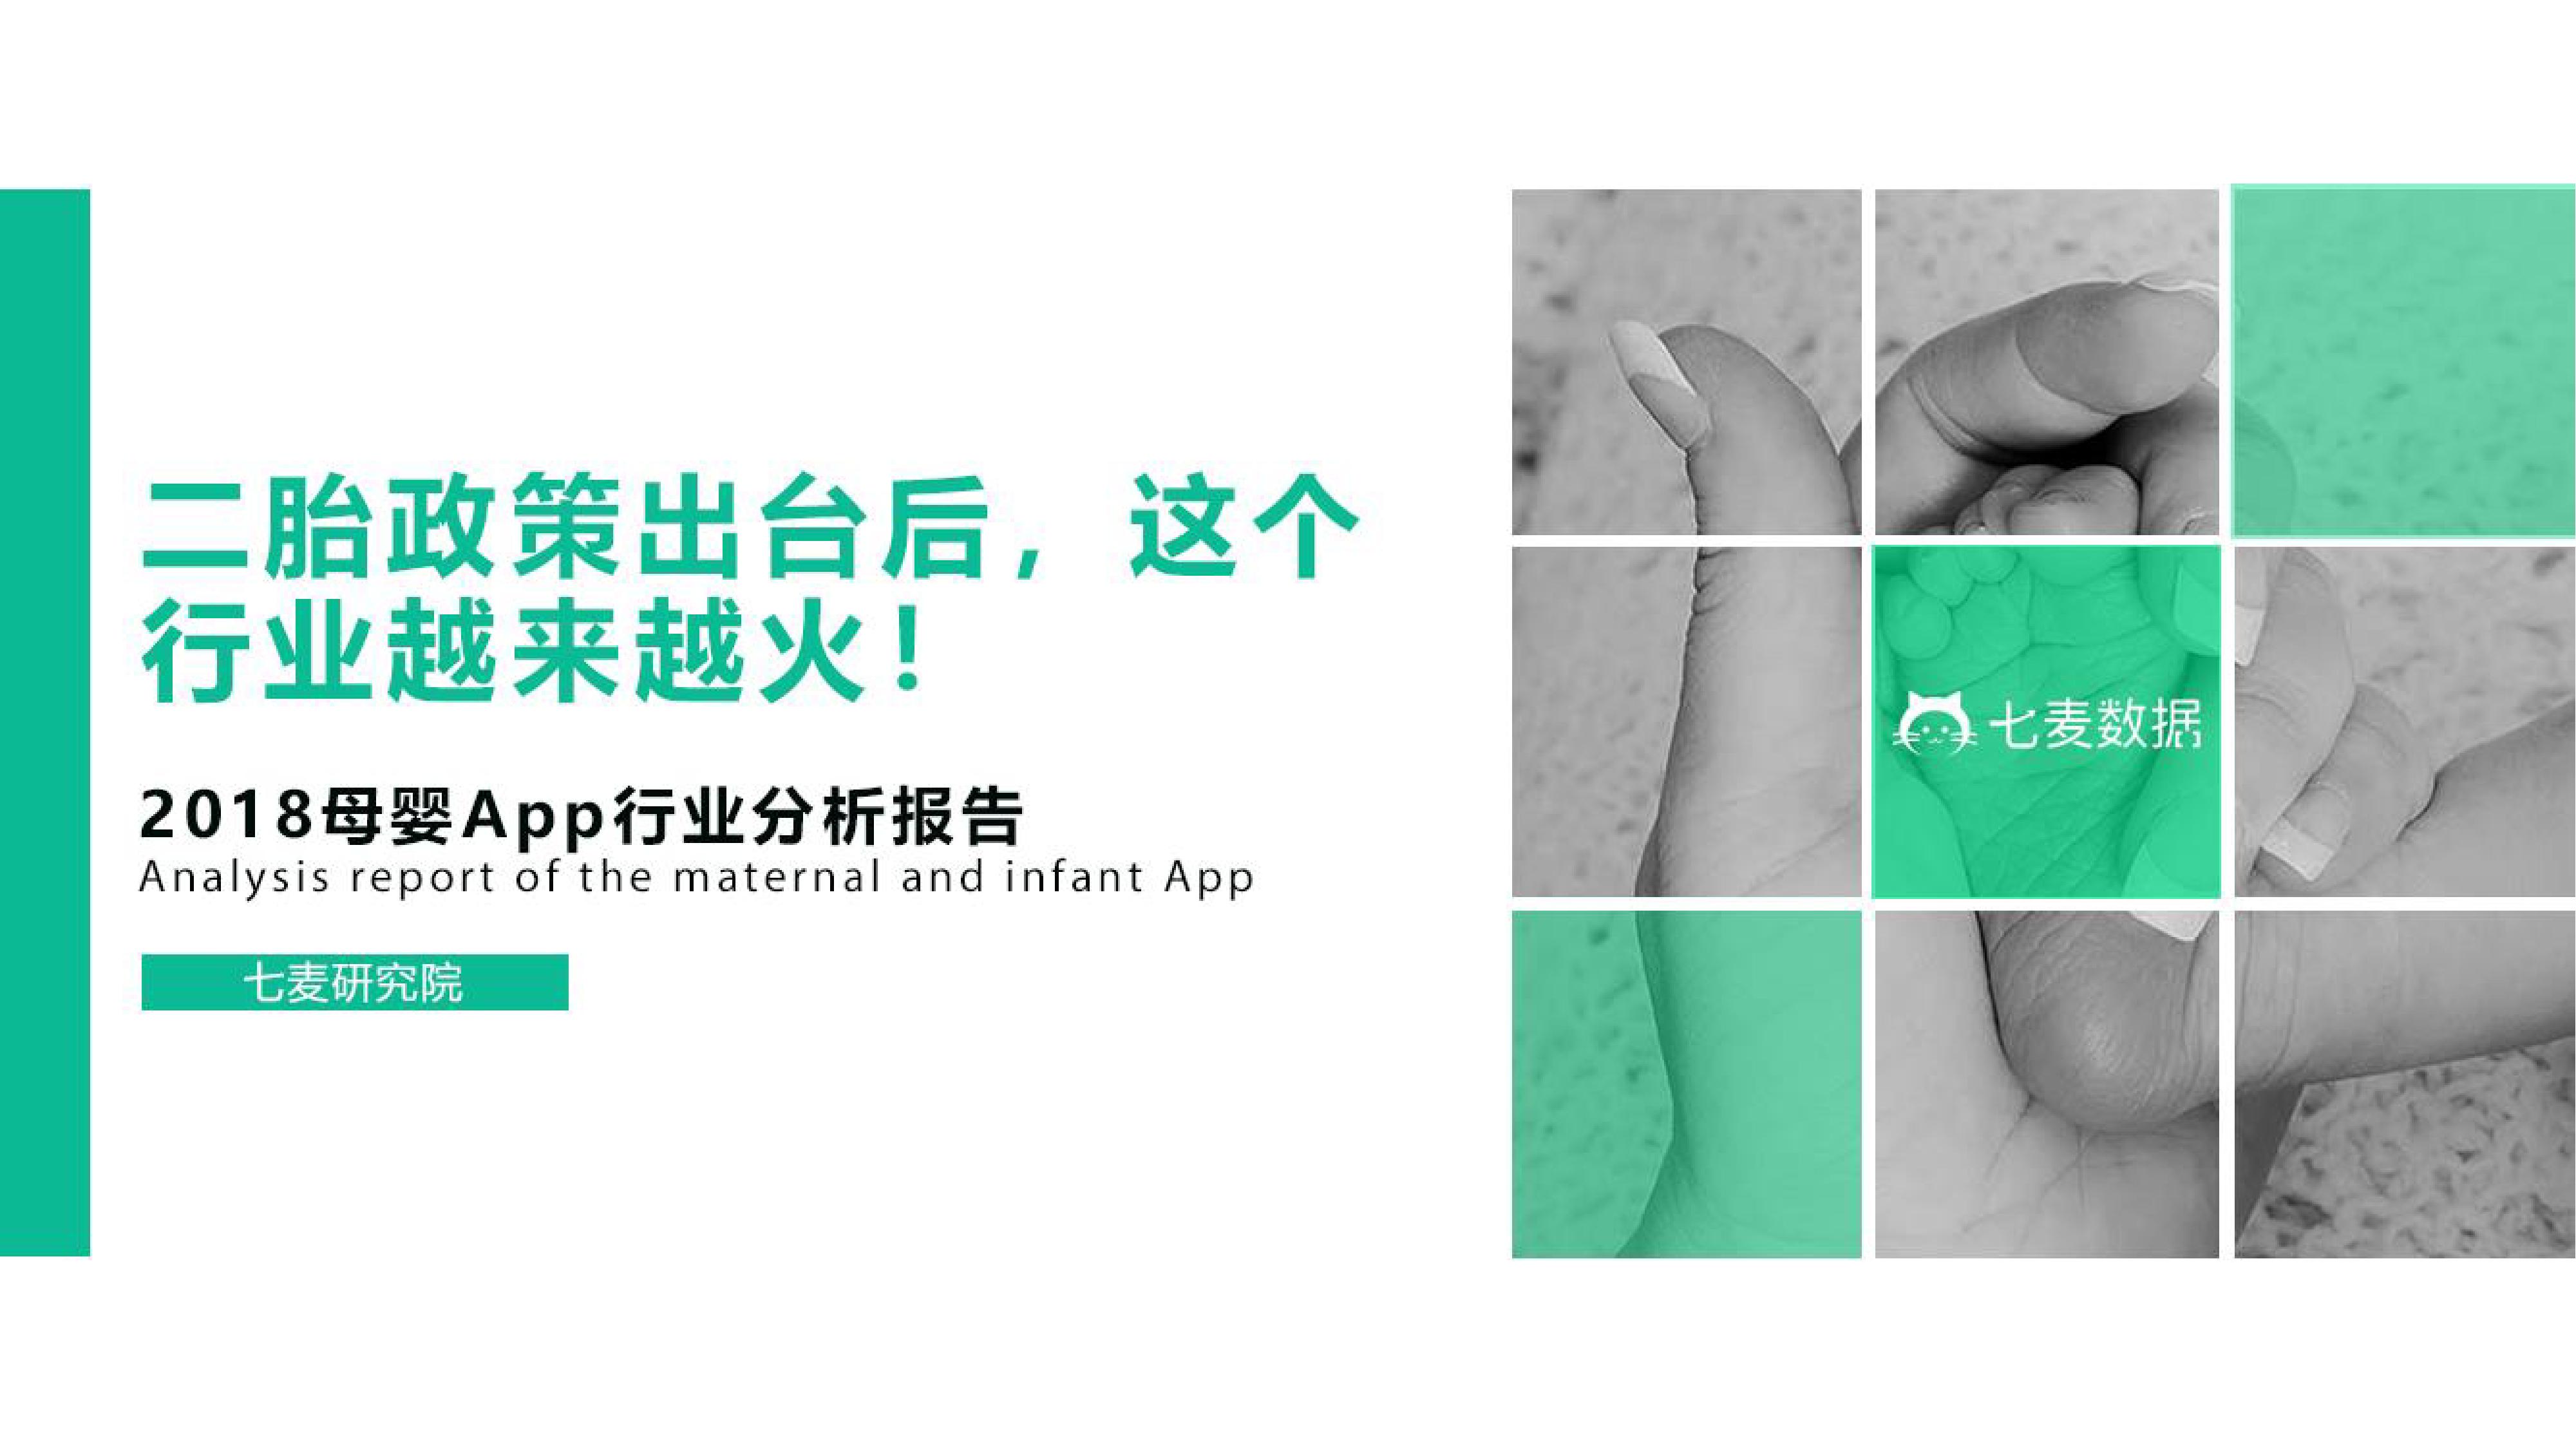 七麦数据:2018母婴App行业分析报告